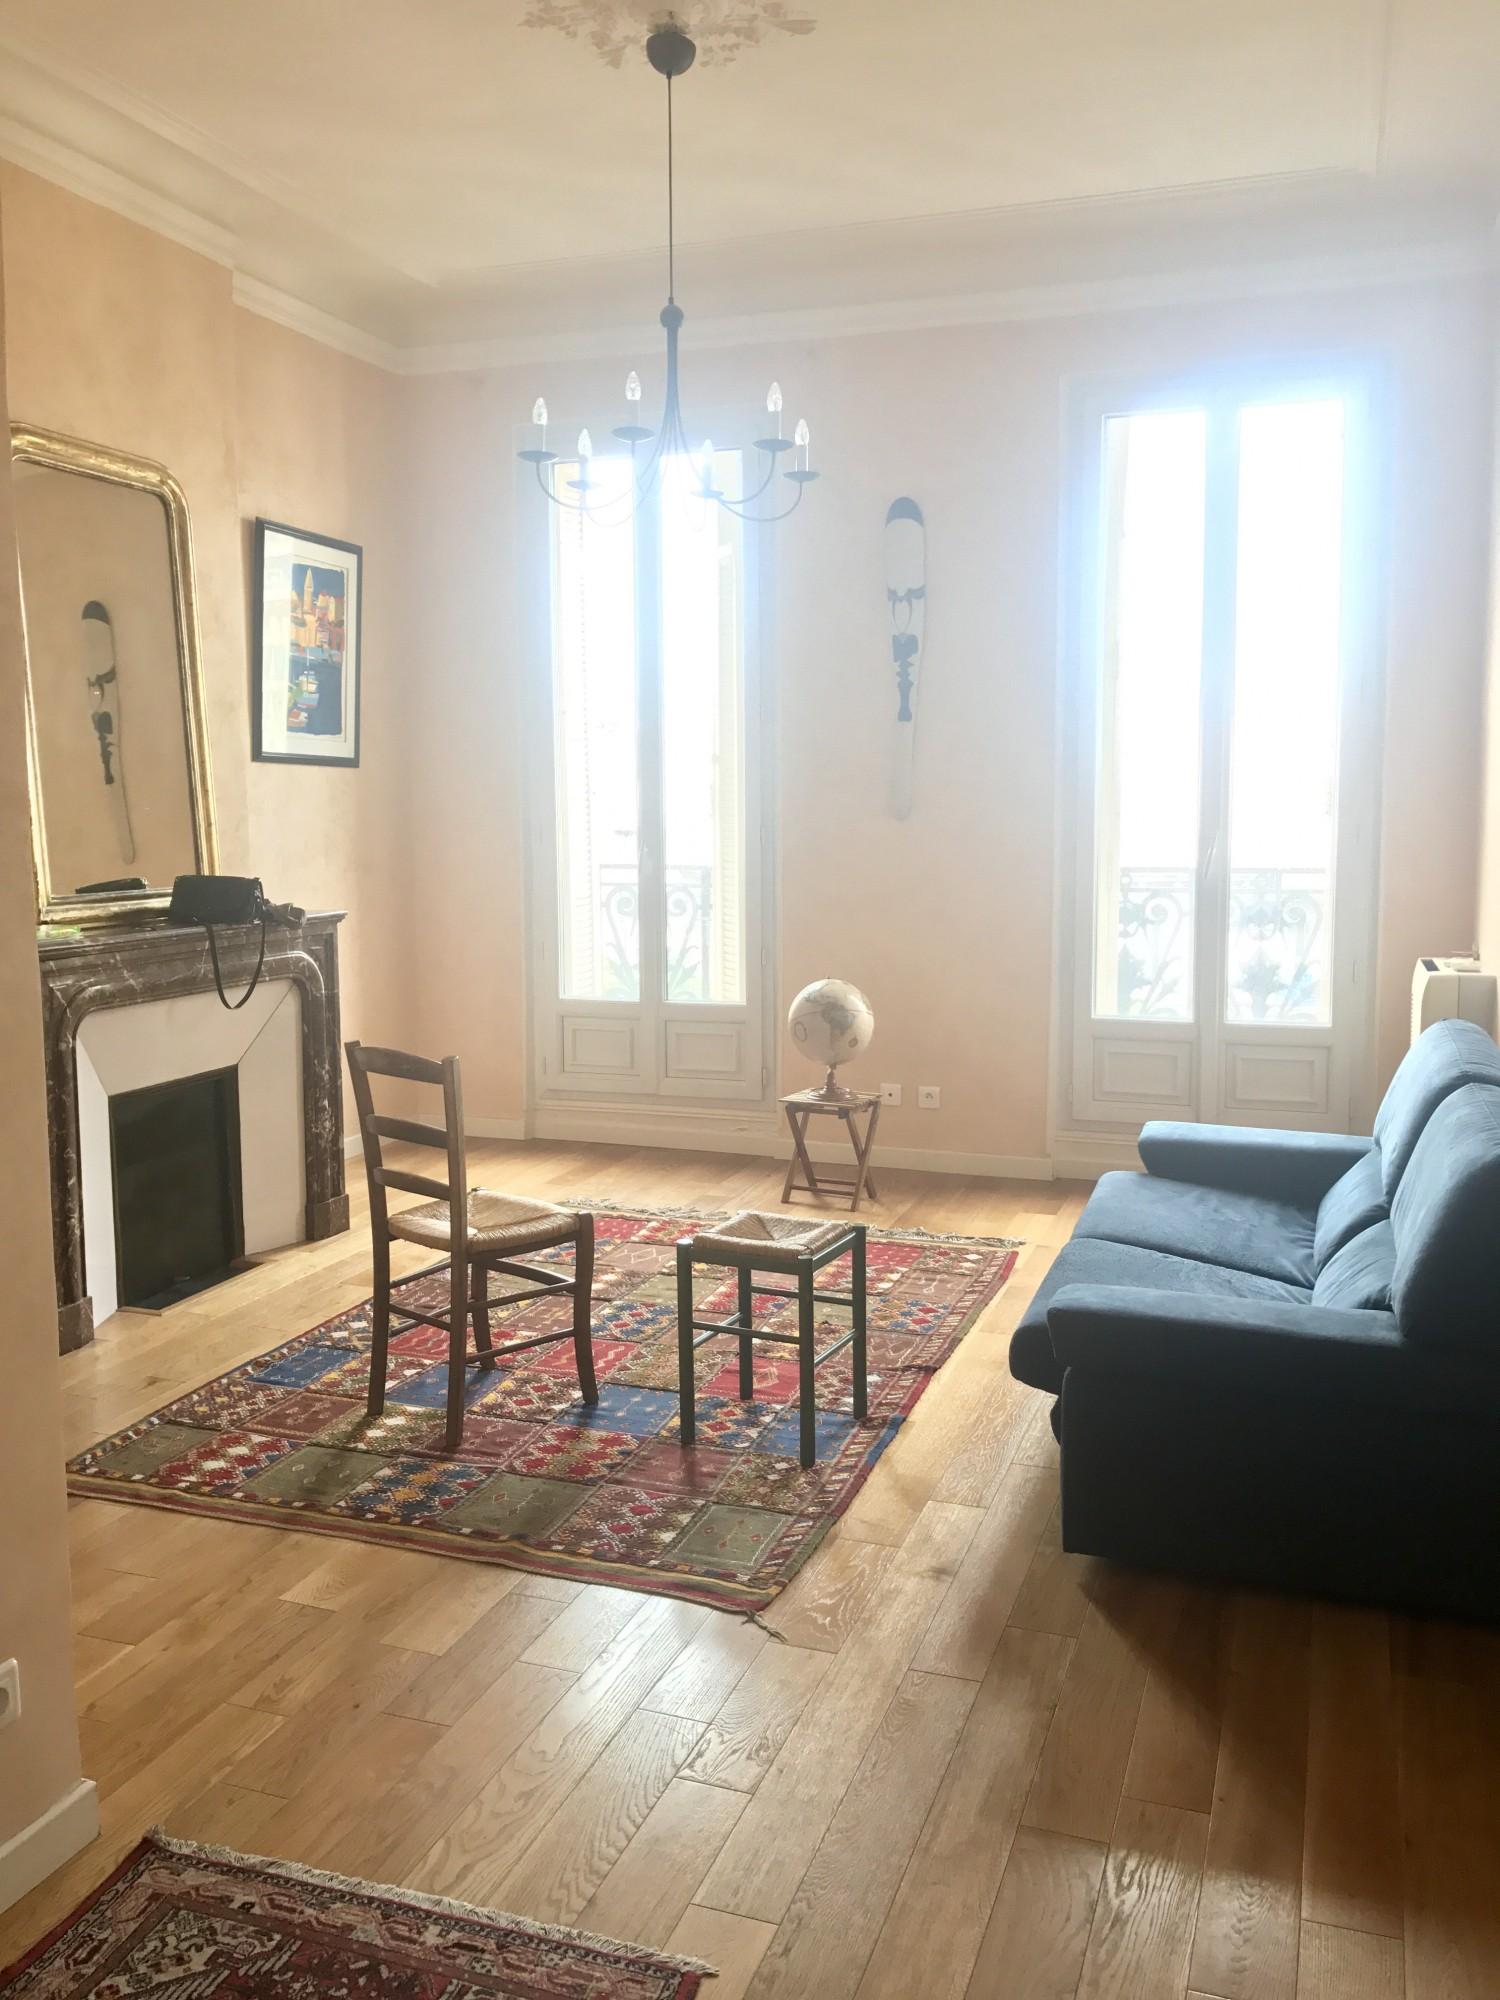 ventes appartement t3 f3 13006 baille castellane ancien grand salon parquet chemin es. Black Bedroom Furniture Sets. Home Design Ideas